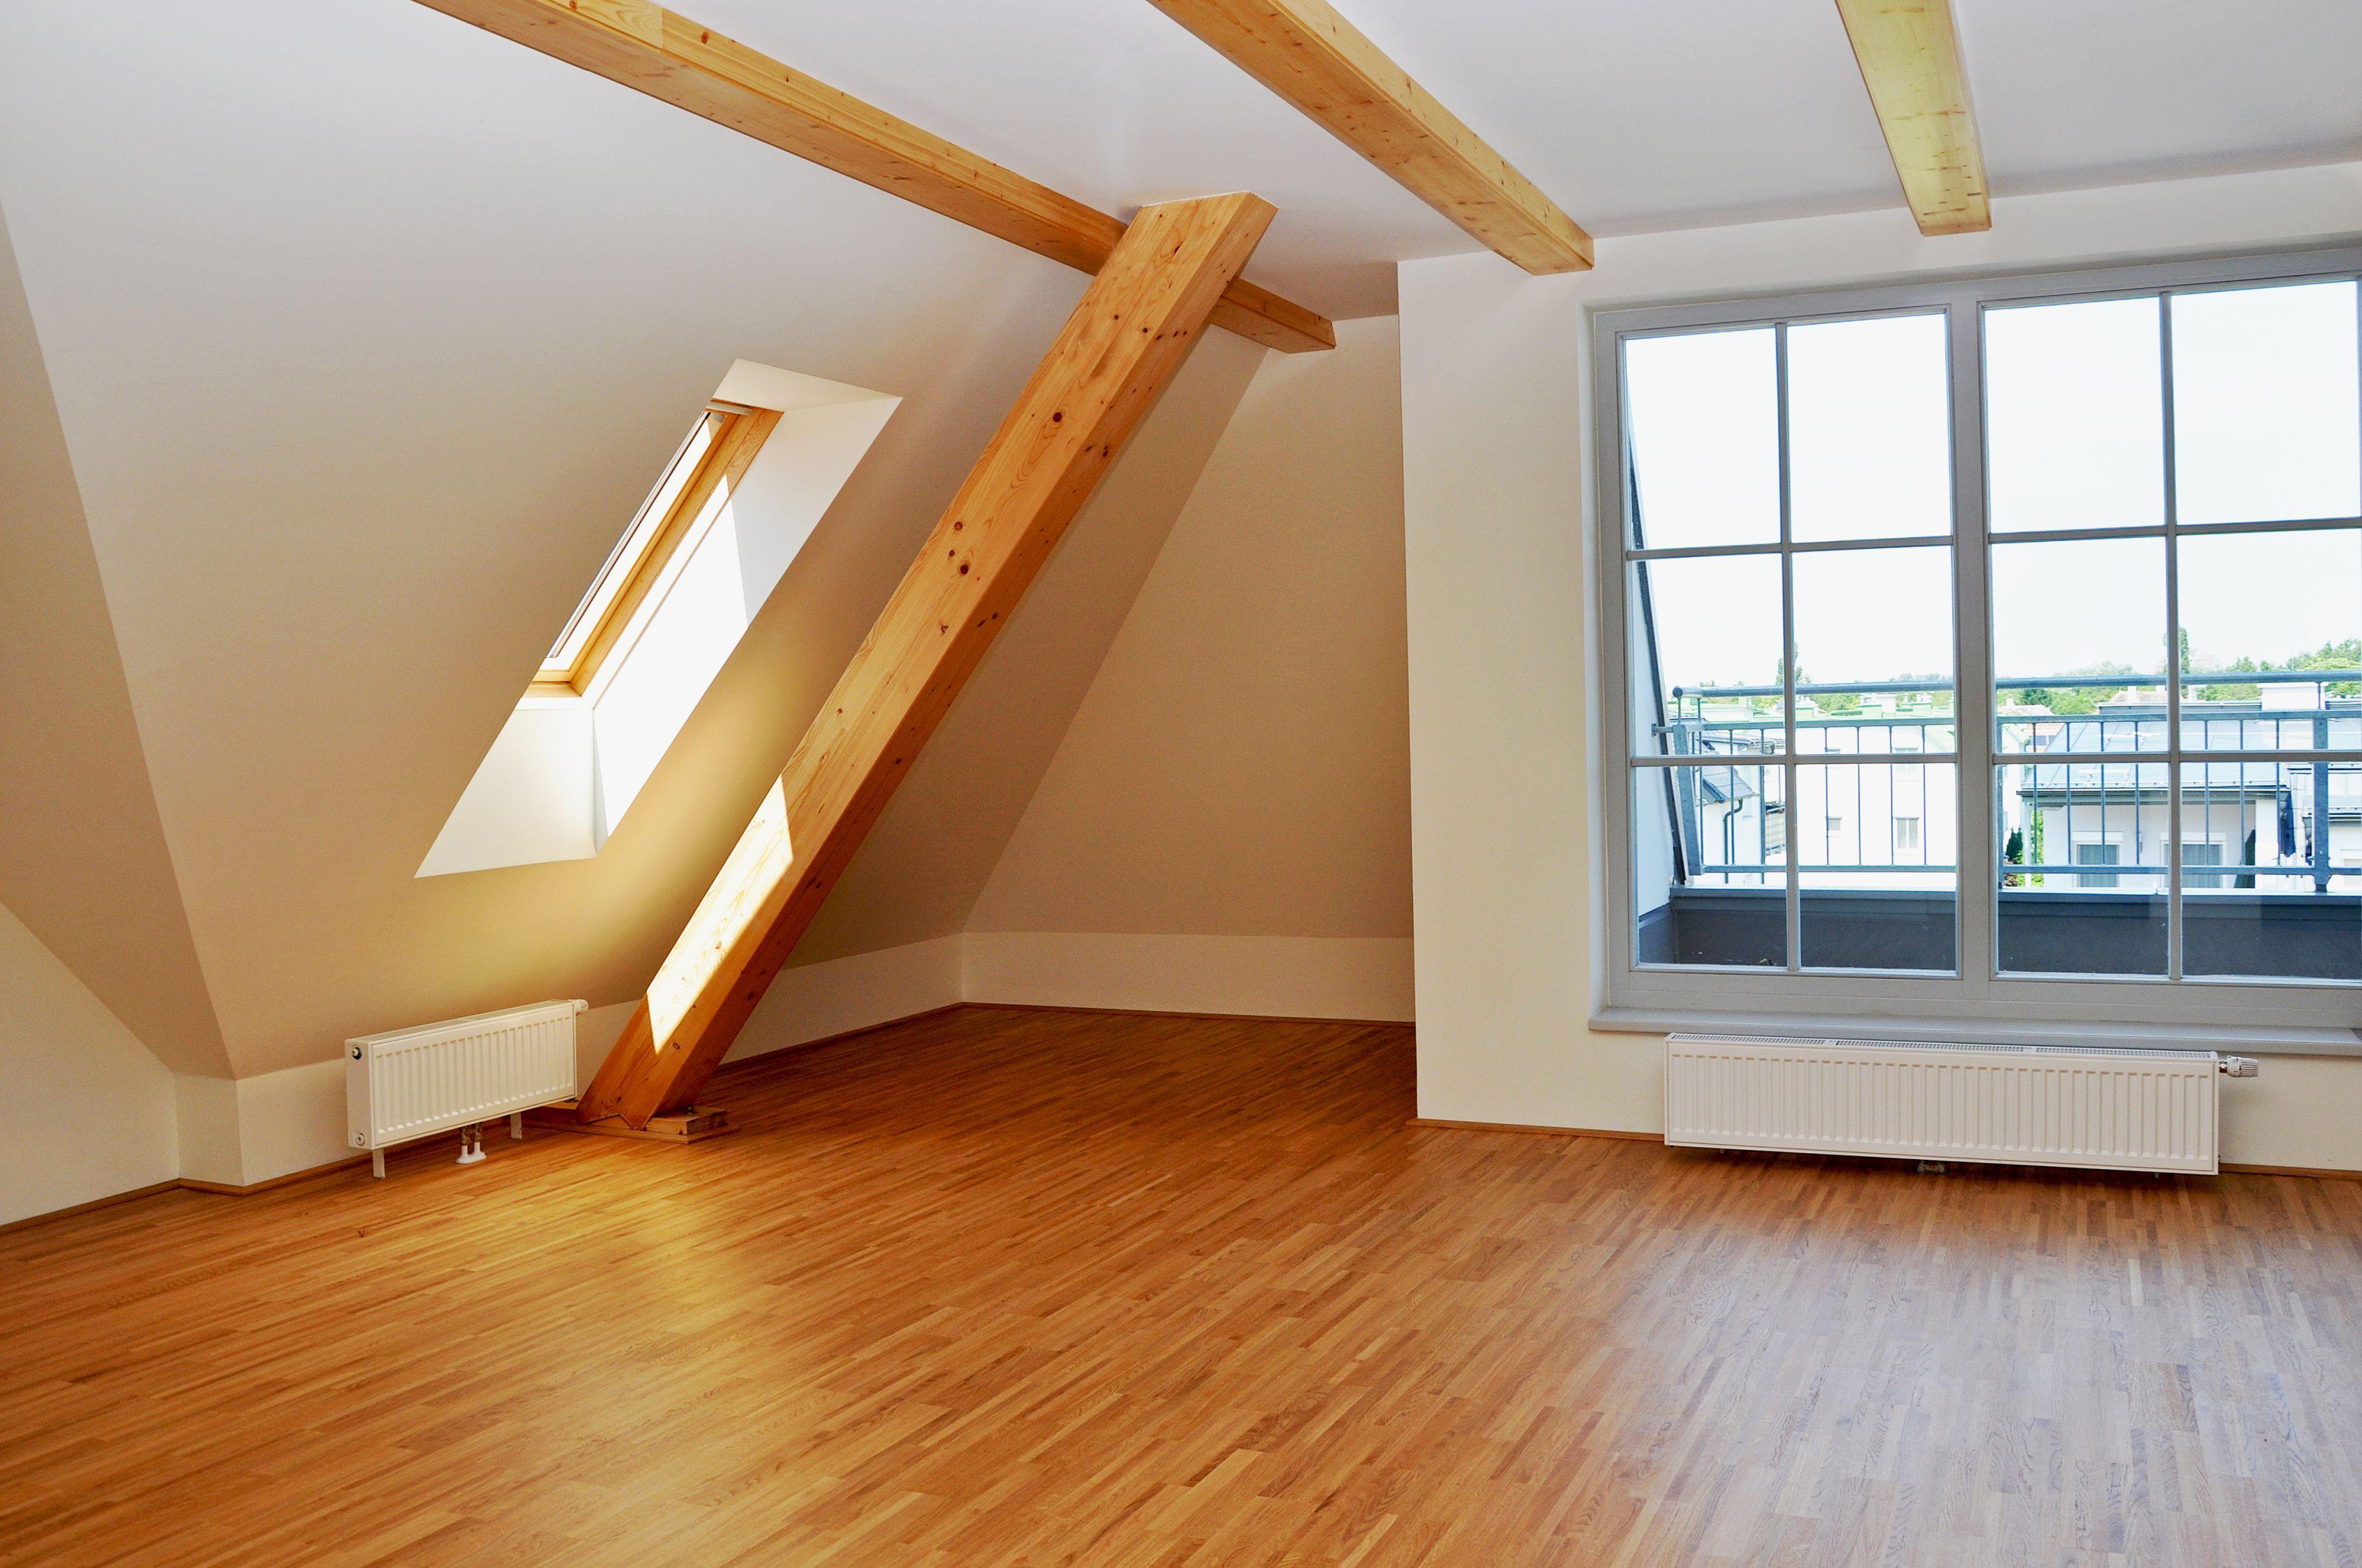 Faszinierend Dachboden Ausbauen Treppe Referenz Von Im Kann Durch Einen Ausbau Hochwertiger Wohnraum